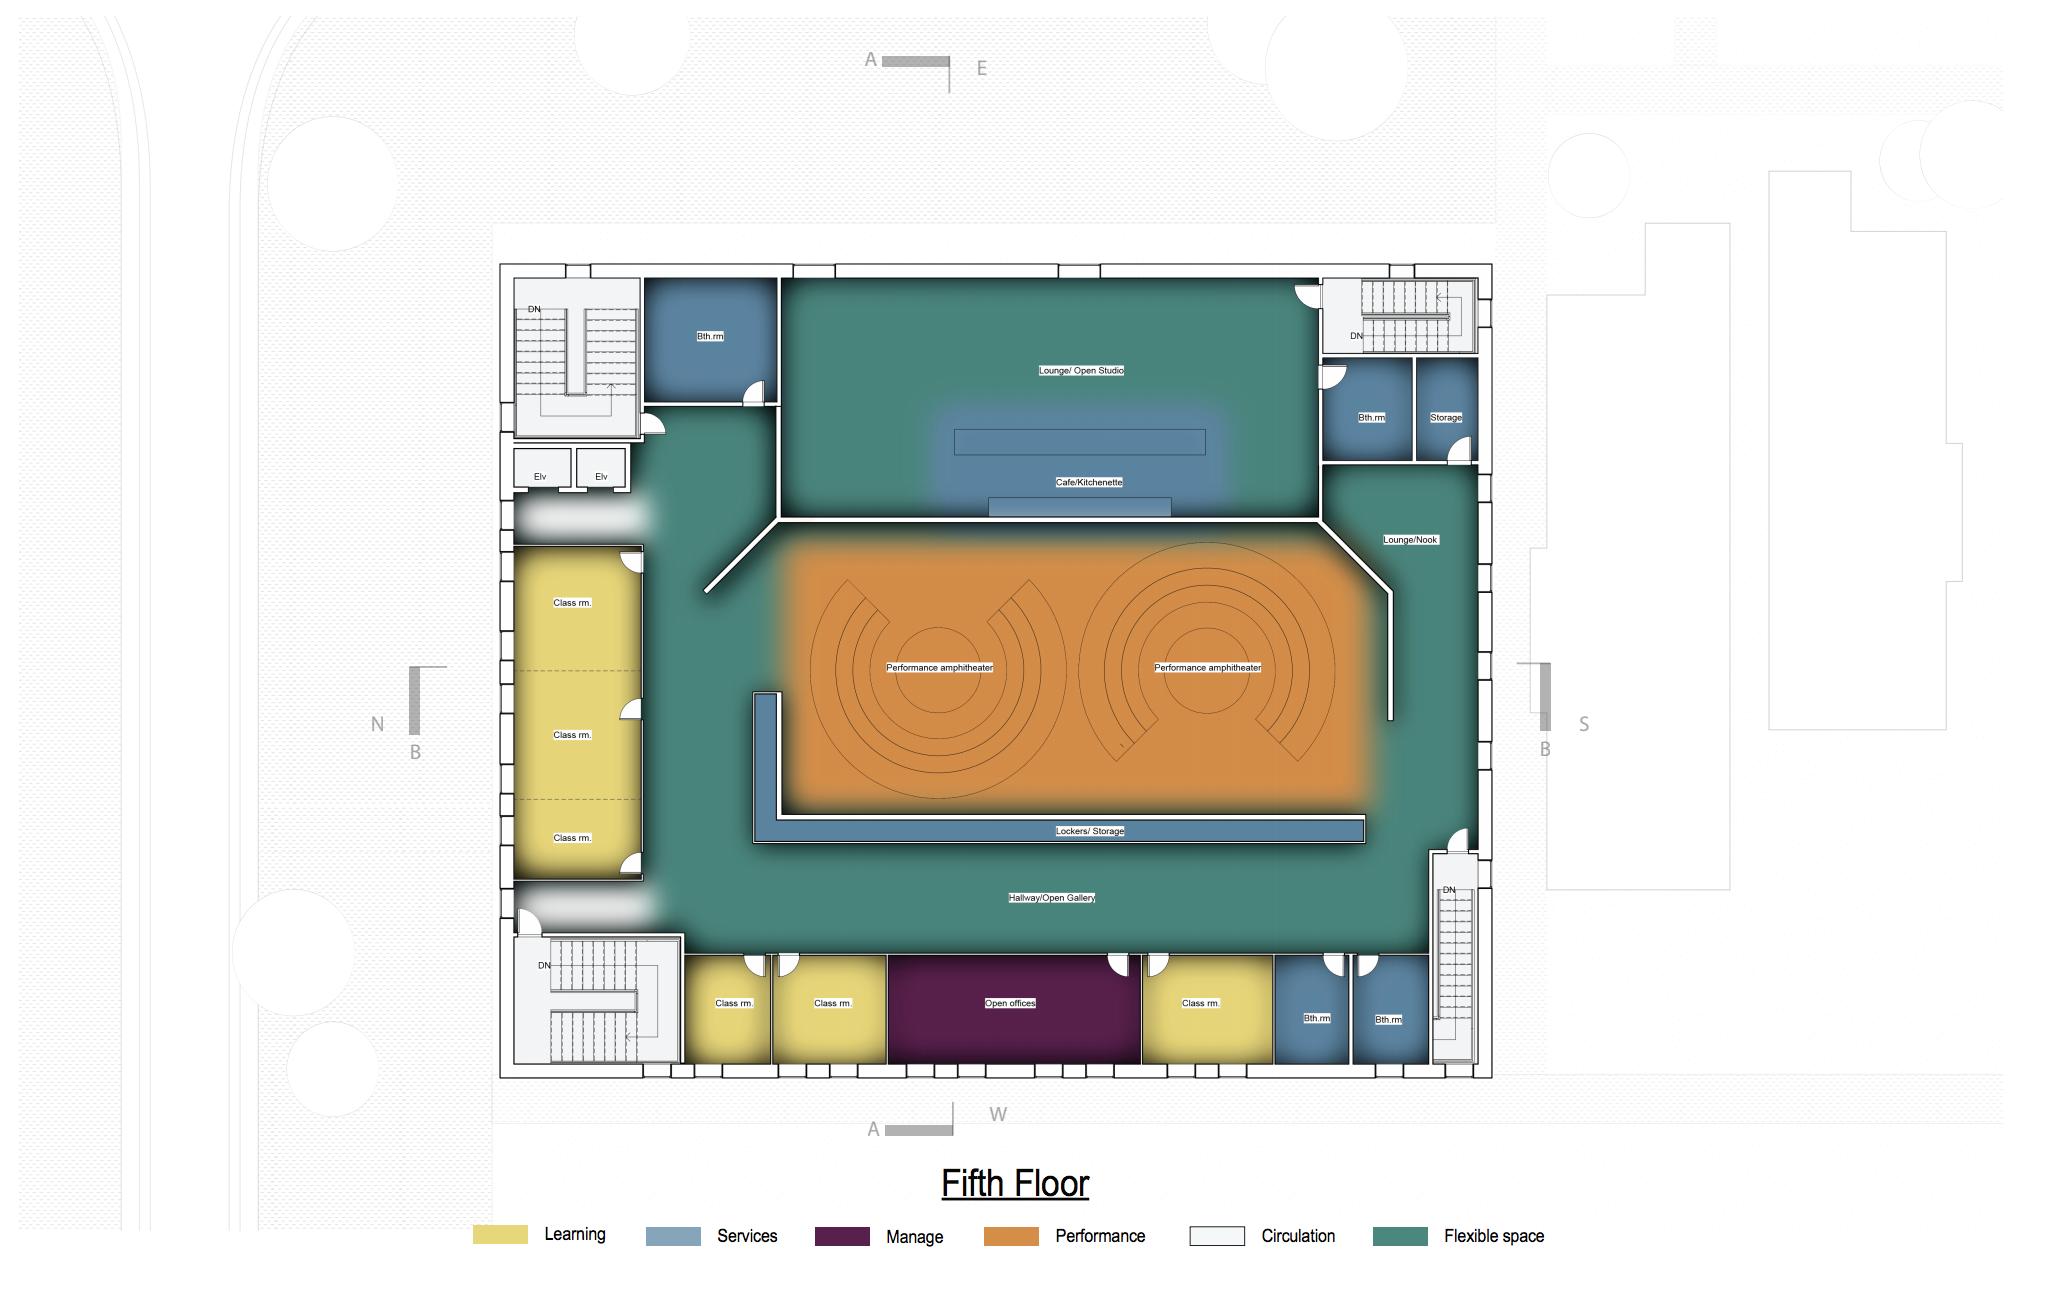 Site plan floor 5